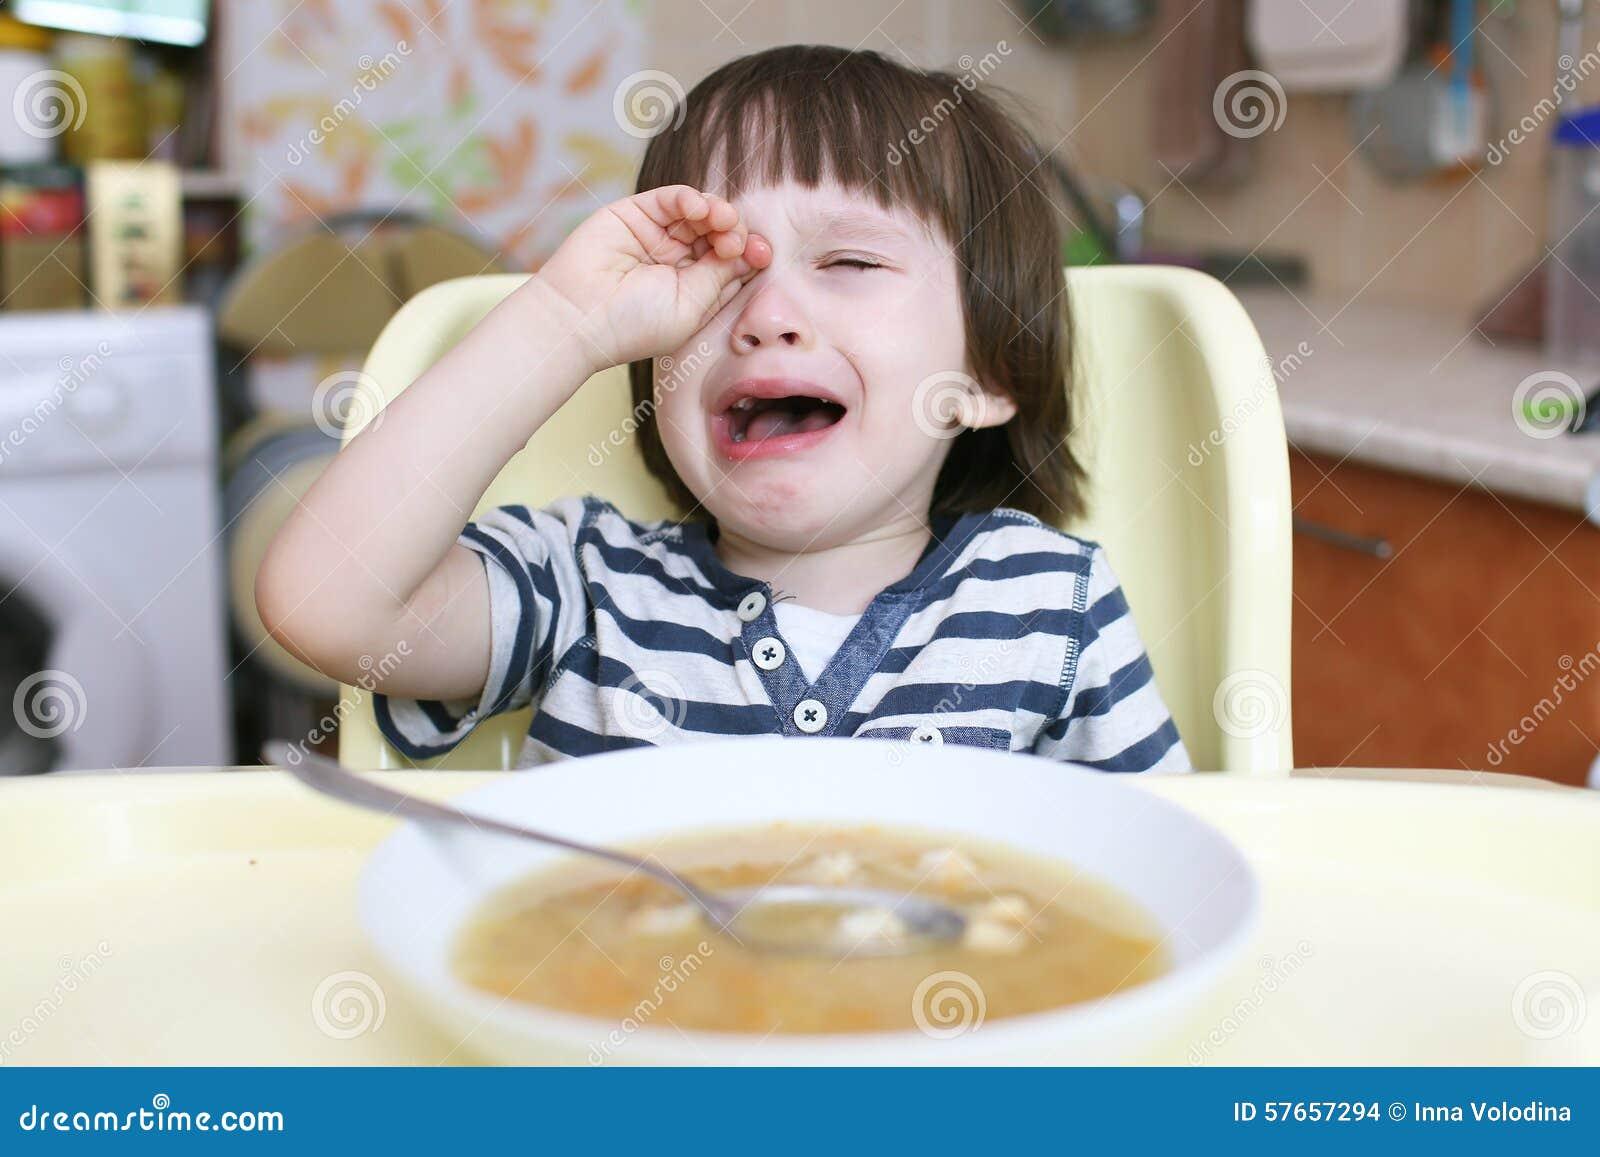 Małe dziecko no chce jeść